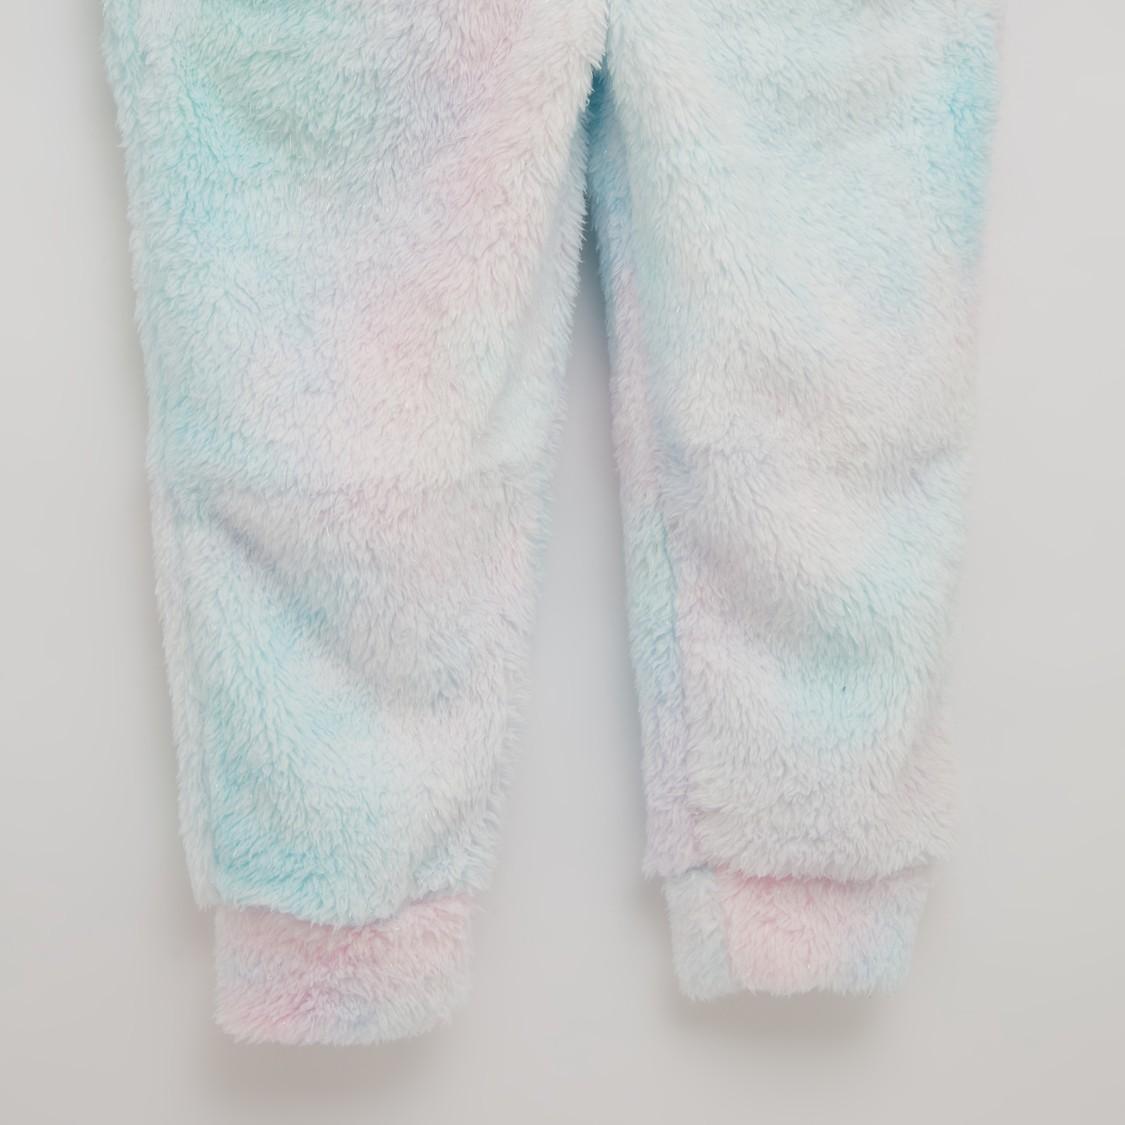 بدلة نوم بارزة الملمس بأكمام طويلة يونيكورن - تشكيلة كوزي